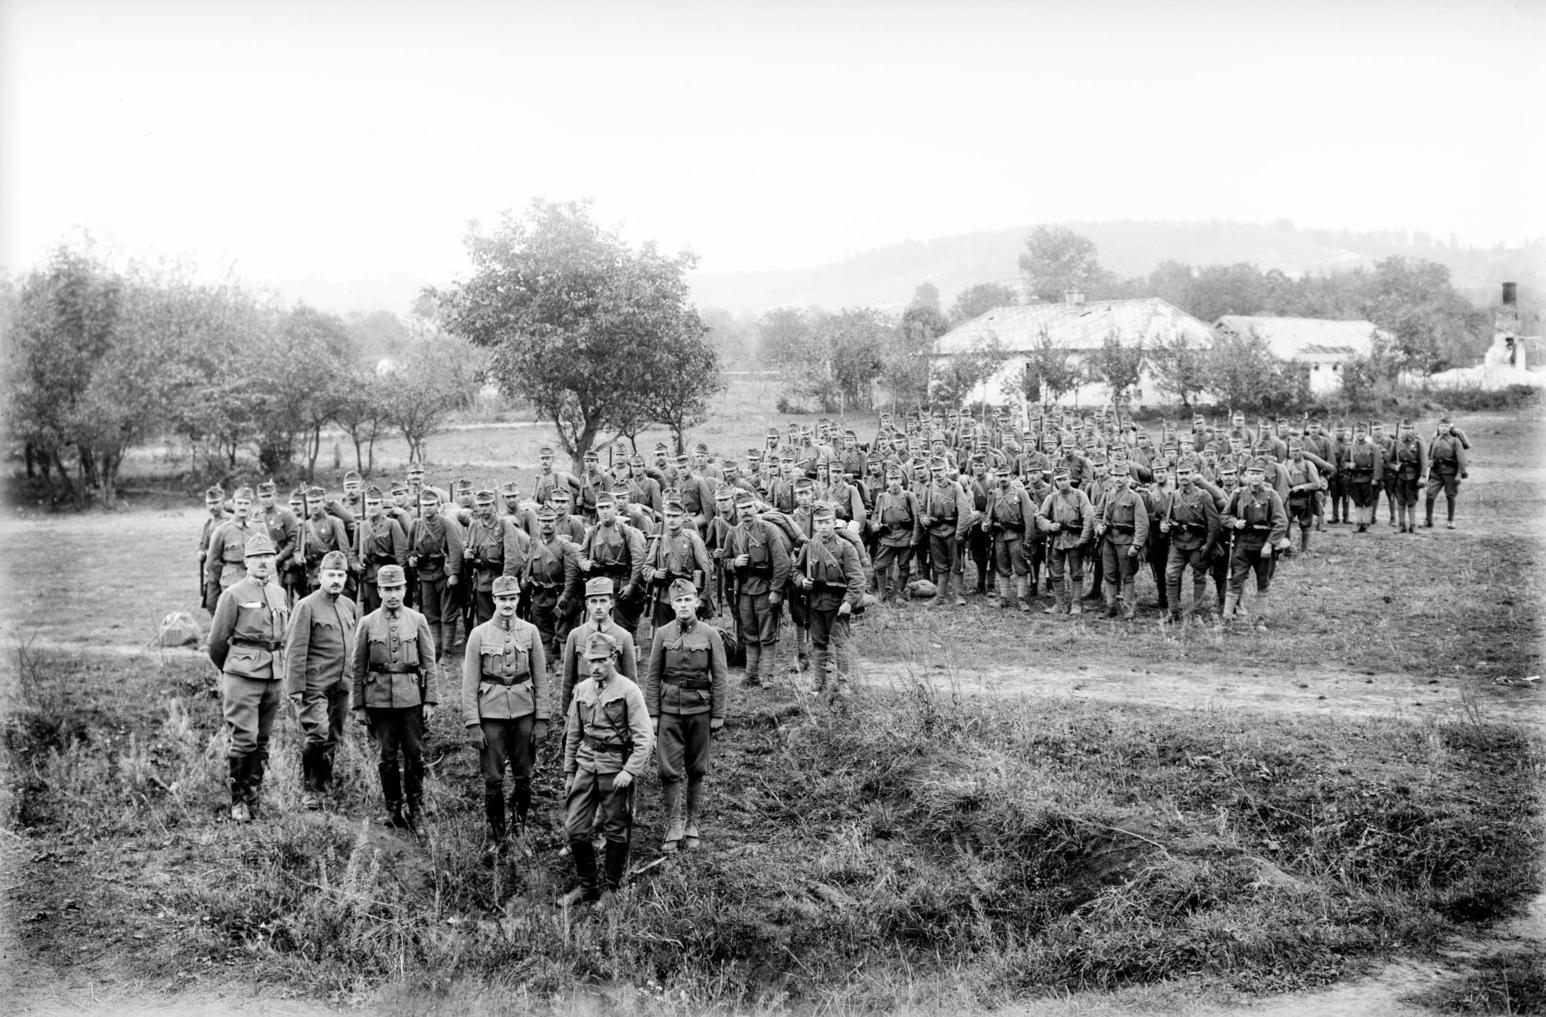 Magyar gyalogos katonai alakulat menetel az I. világháború idején. A felvétel készítésének pontos helyszíne és dátuma ismeretlen. MTI Fotó: -